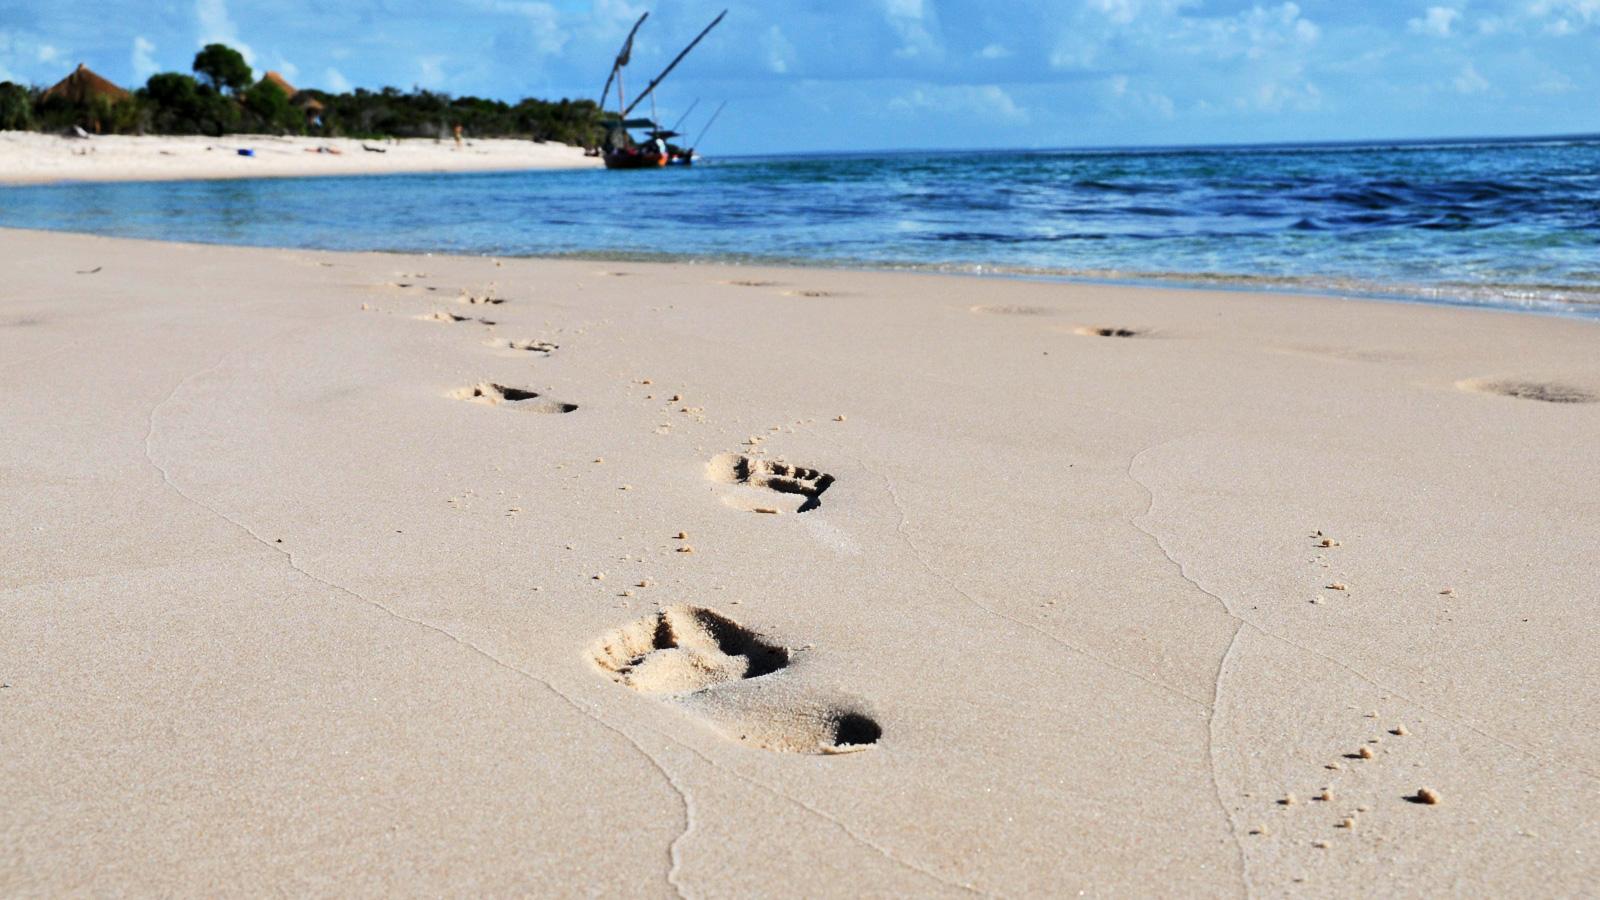 vilanculos bazaruto archipelago Mosambik Abenteuerreise in Kleingruppe traveljunkies